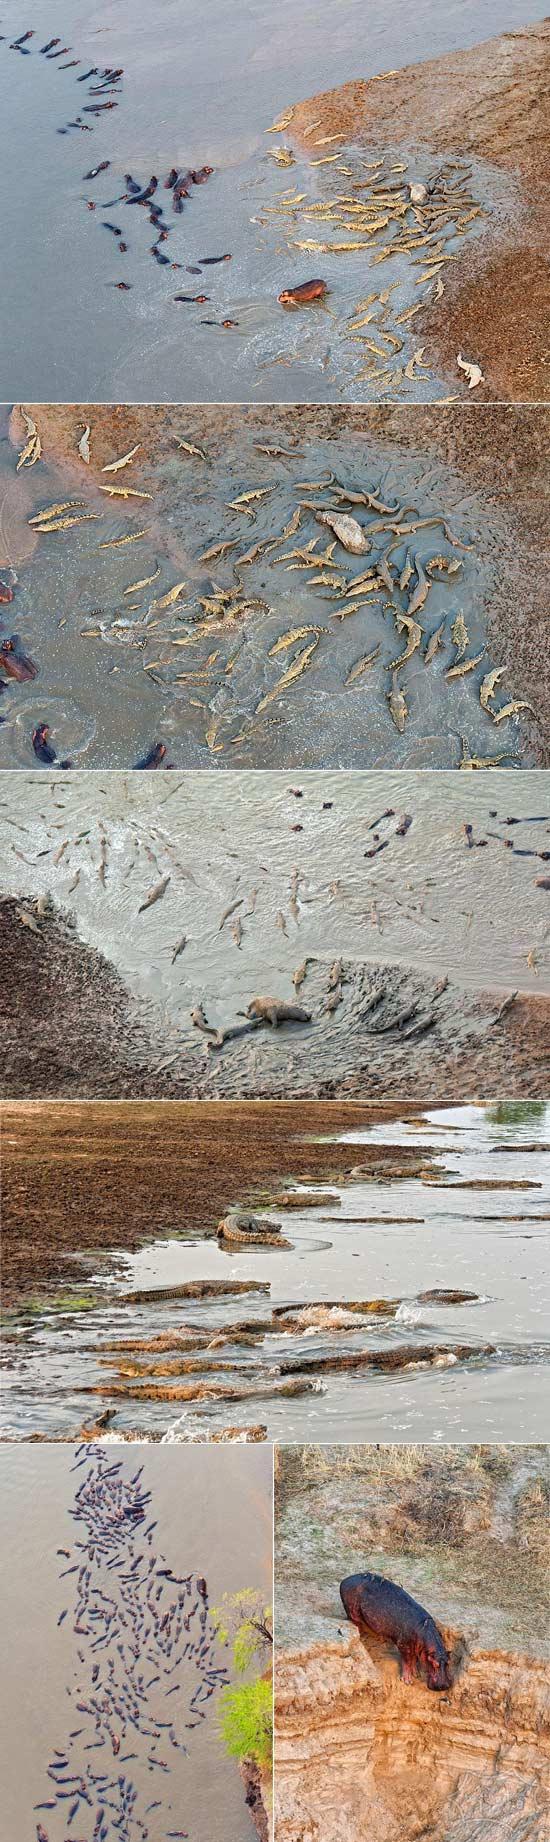 两个帮派之争:赞比亚上百条鳄鱼和河马之间的PK